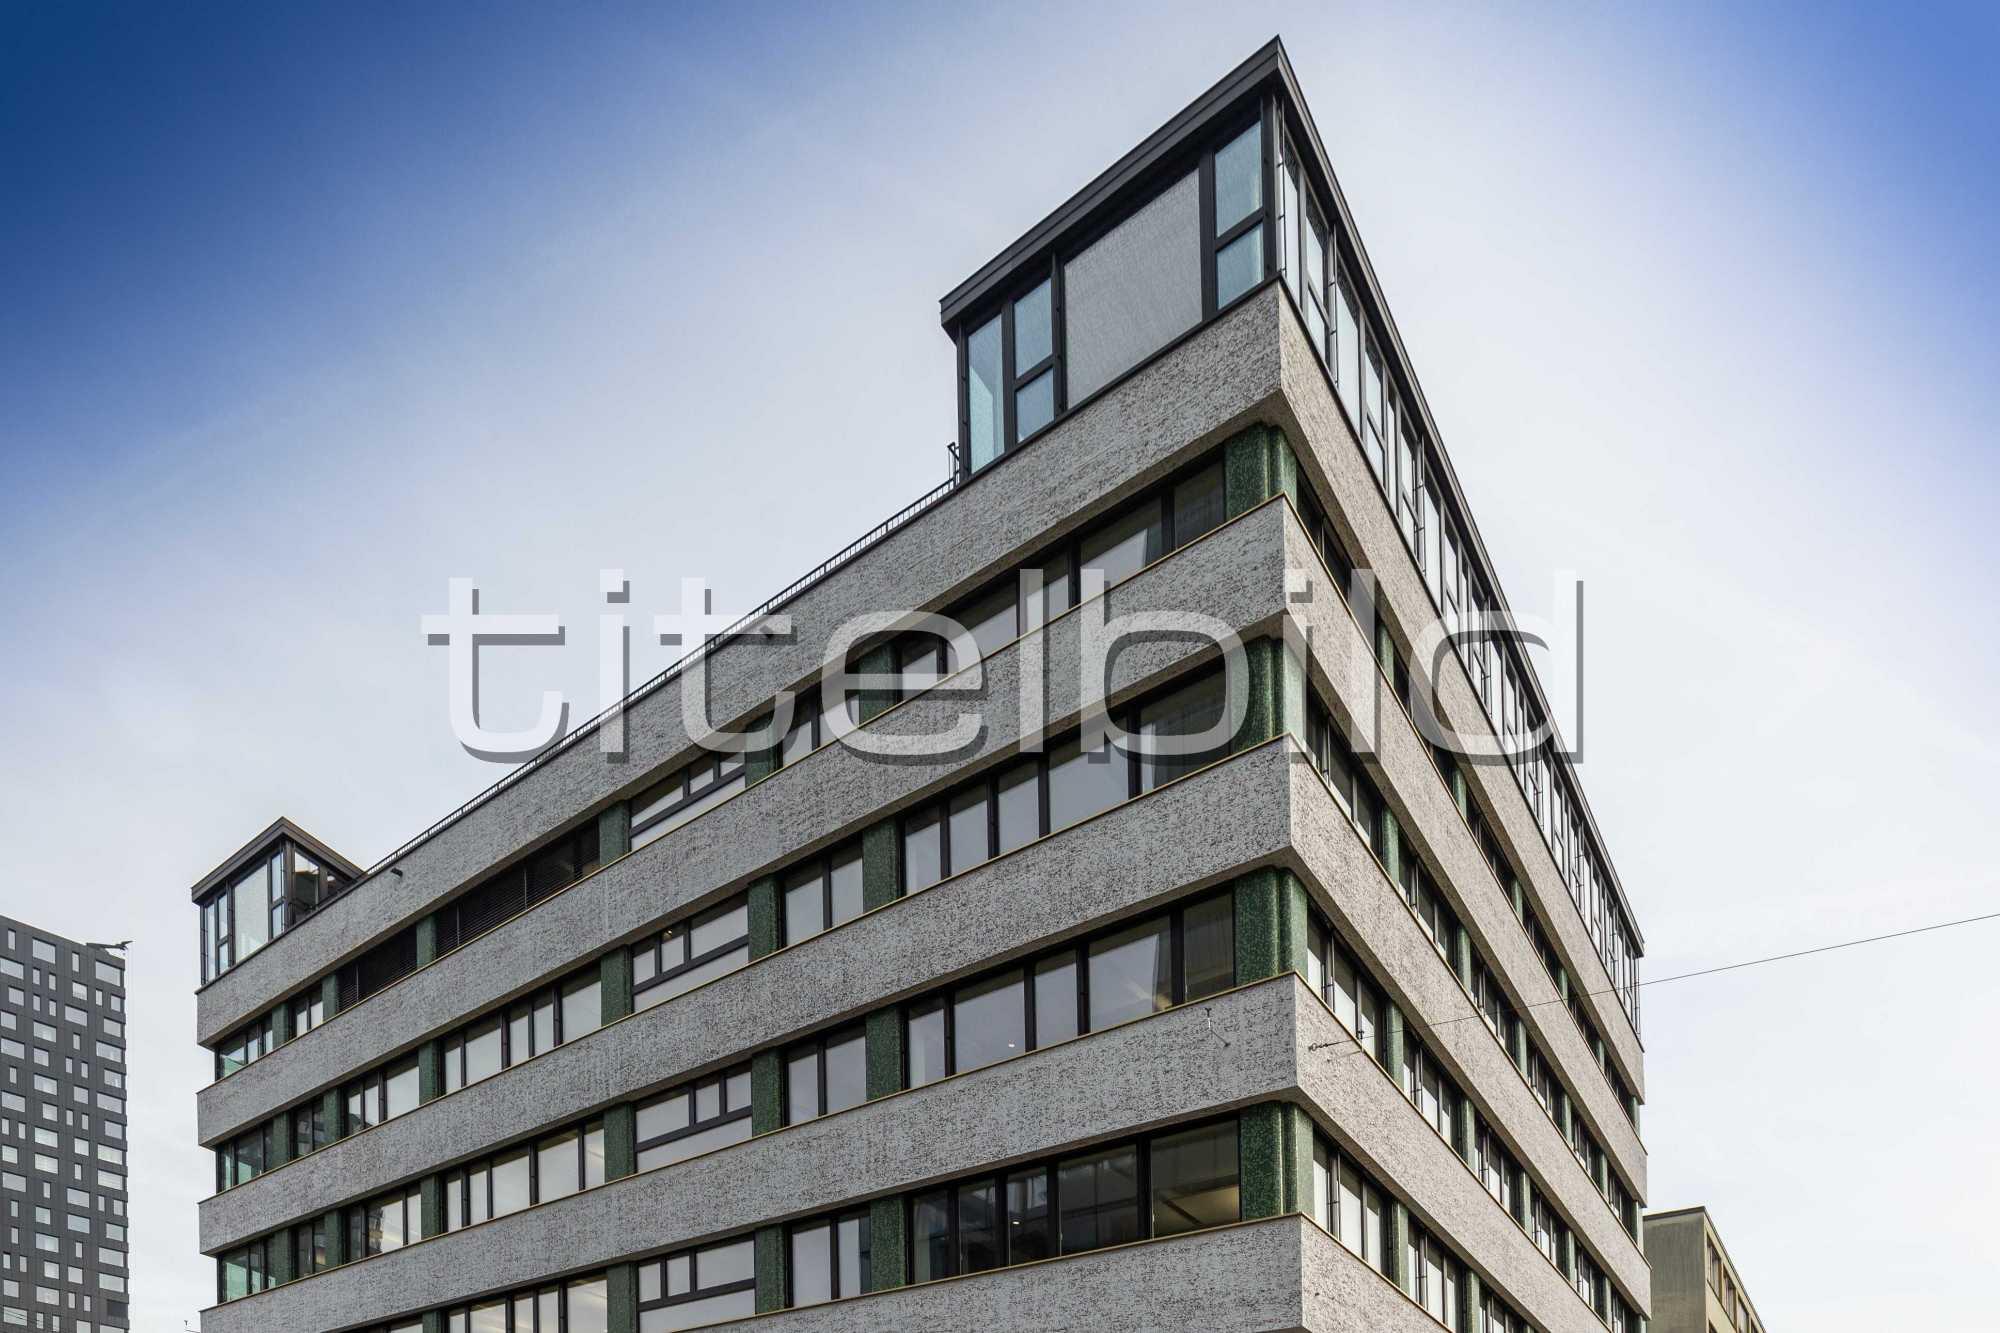 Projektbild-Nr. 0: Sanierung Geschäftshaus Hohlstrasse 612, 8048 Zürich